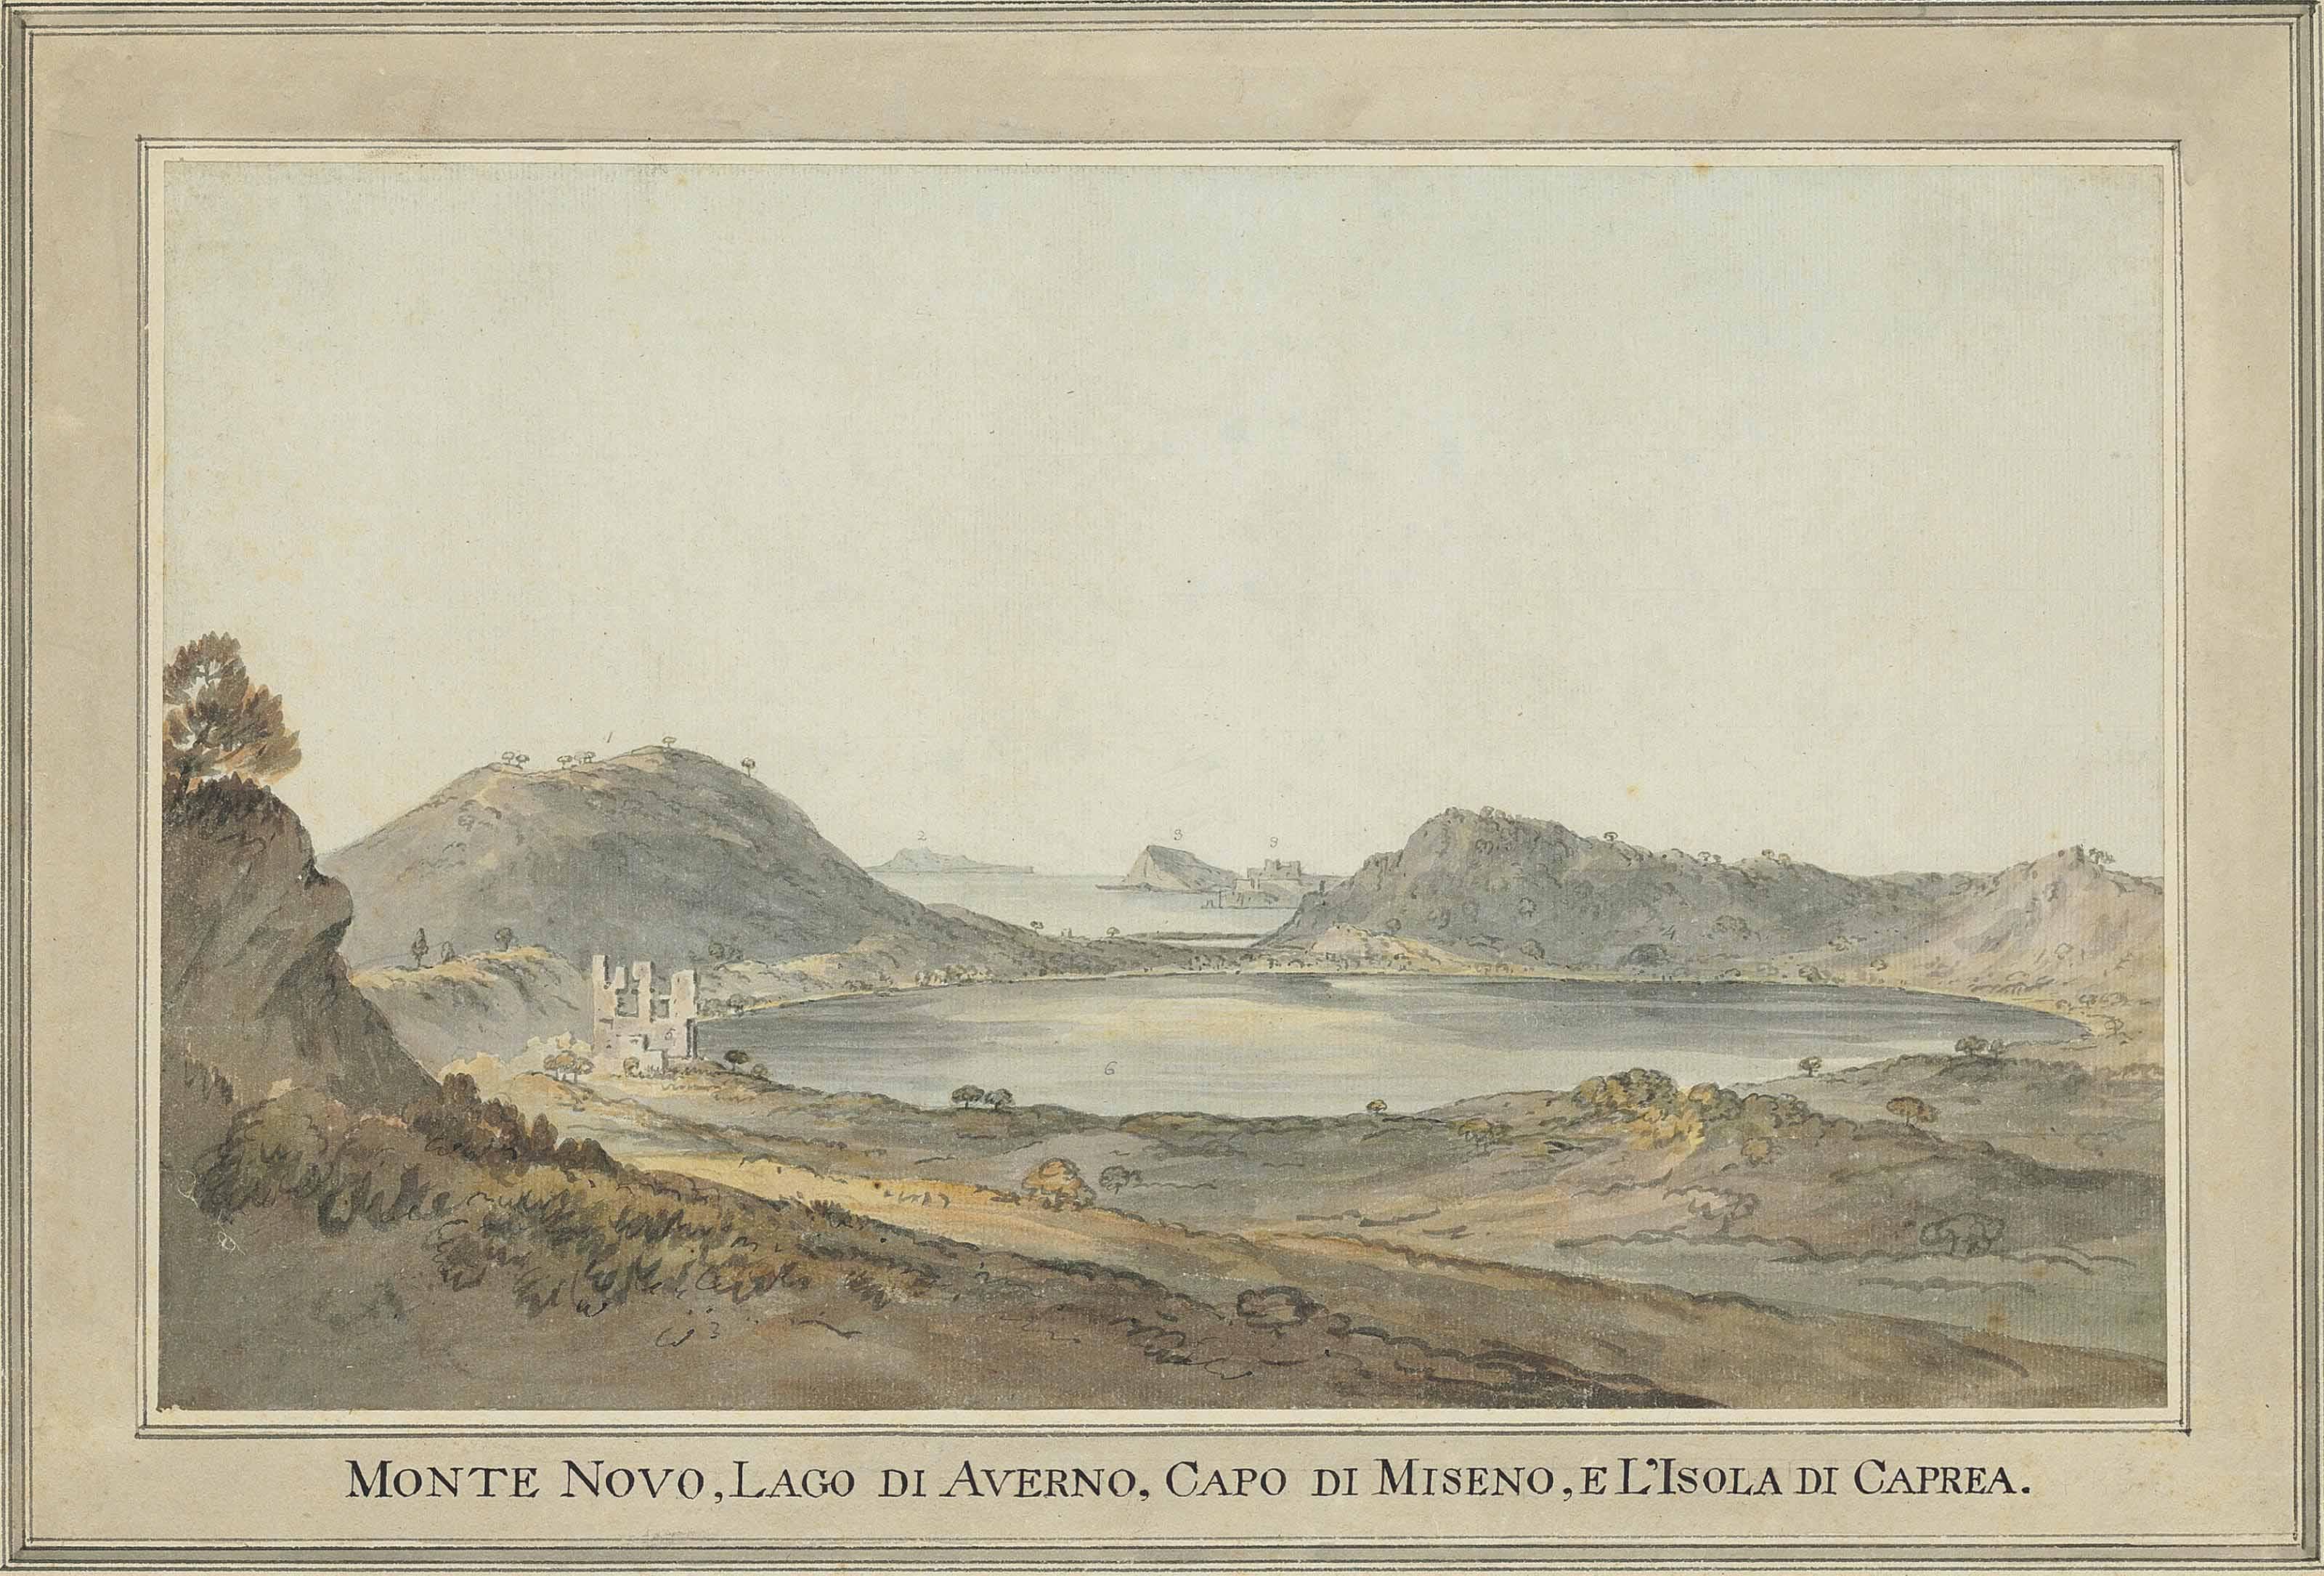 Lake Avernus, looking towards Capri